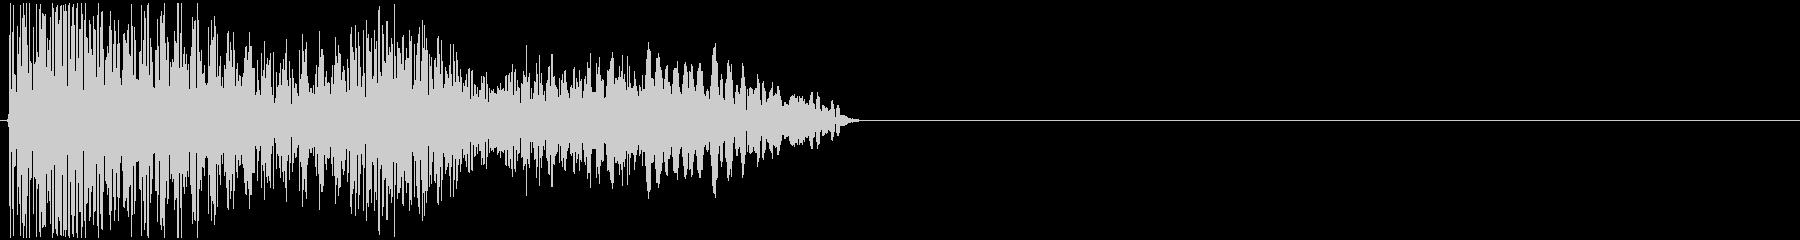 ピョーイ、ヒョーイッ、上昇音、引き抜く音の未再生の波形